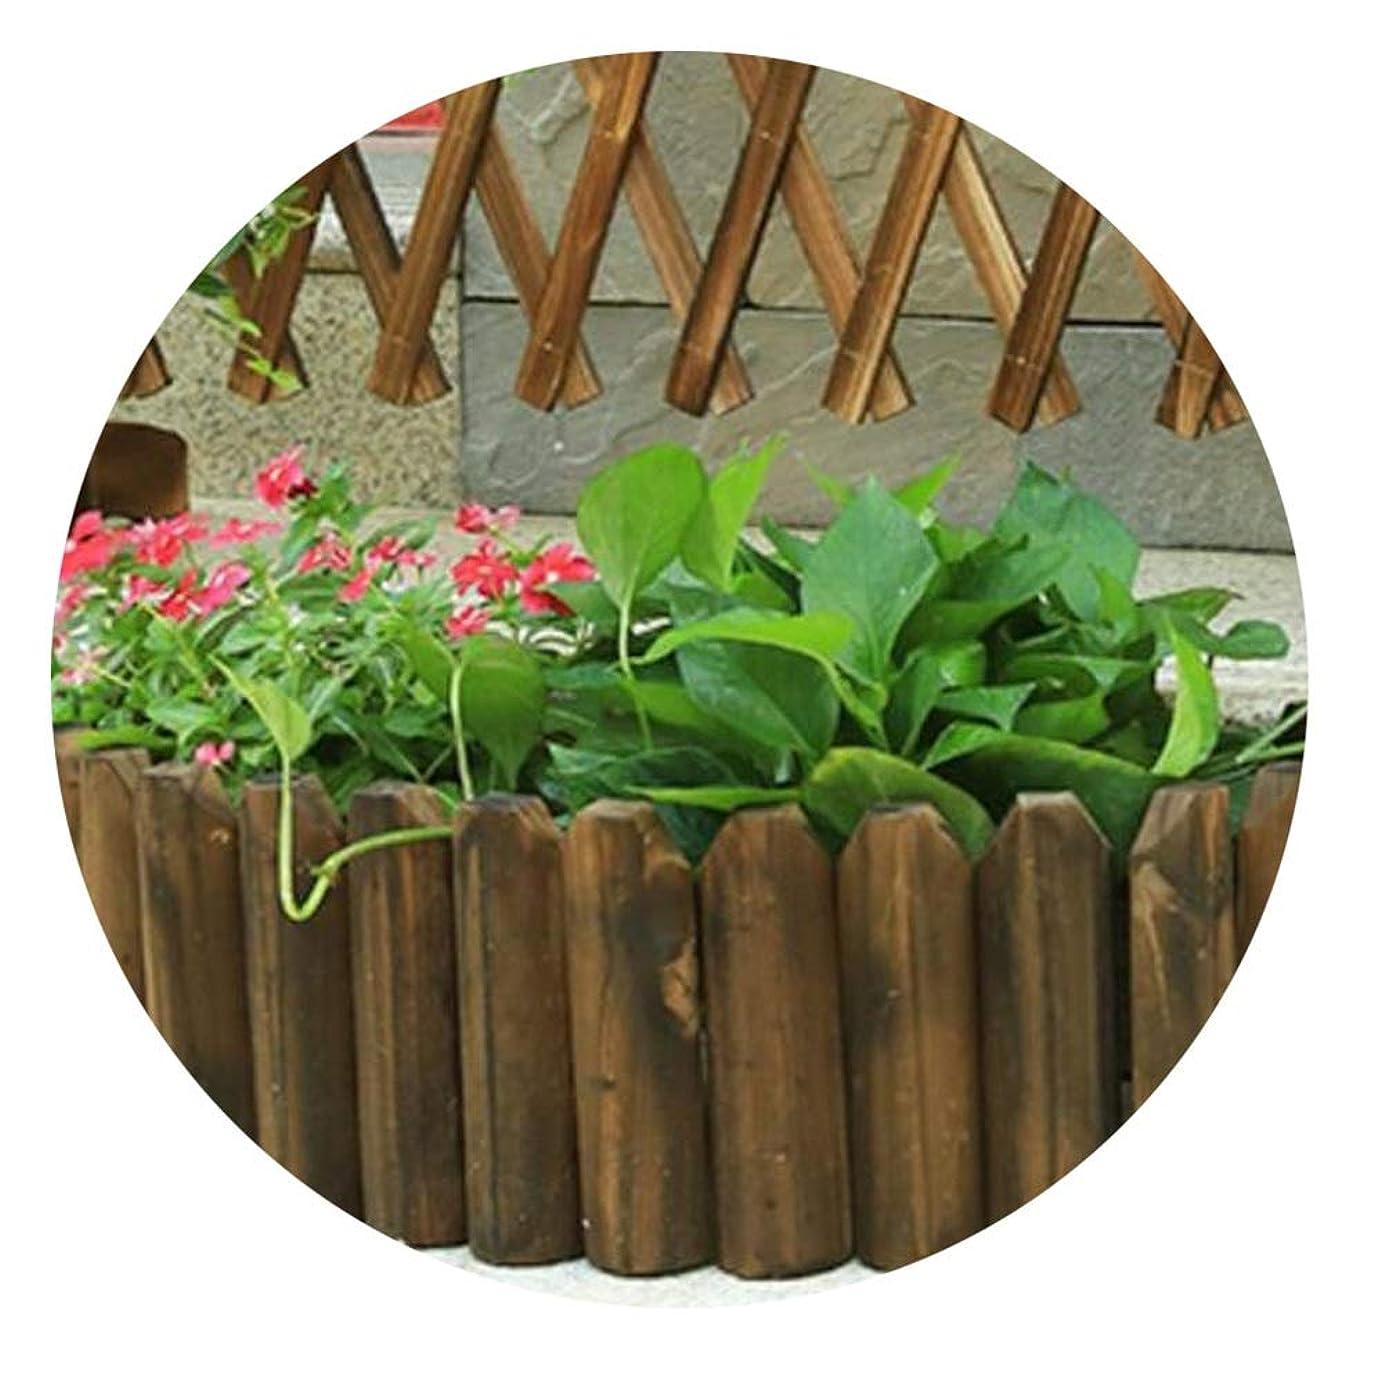 憲法同種の立方体YYFANG 木製フェンス屋外の木製の防腐剤の花壇のDecorationの装飾の高温炭化はスペース、5つのサイズを分けました (Color : Brown, Size : 118x40cm)